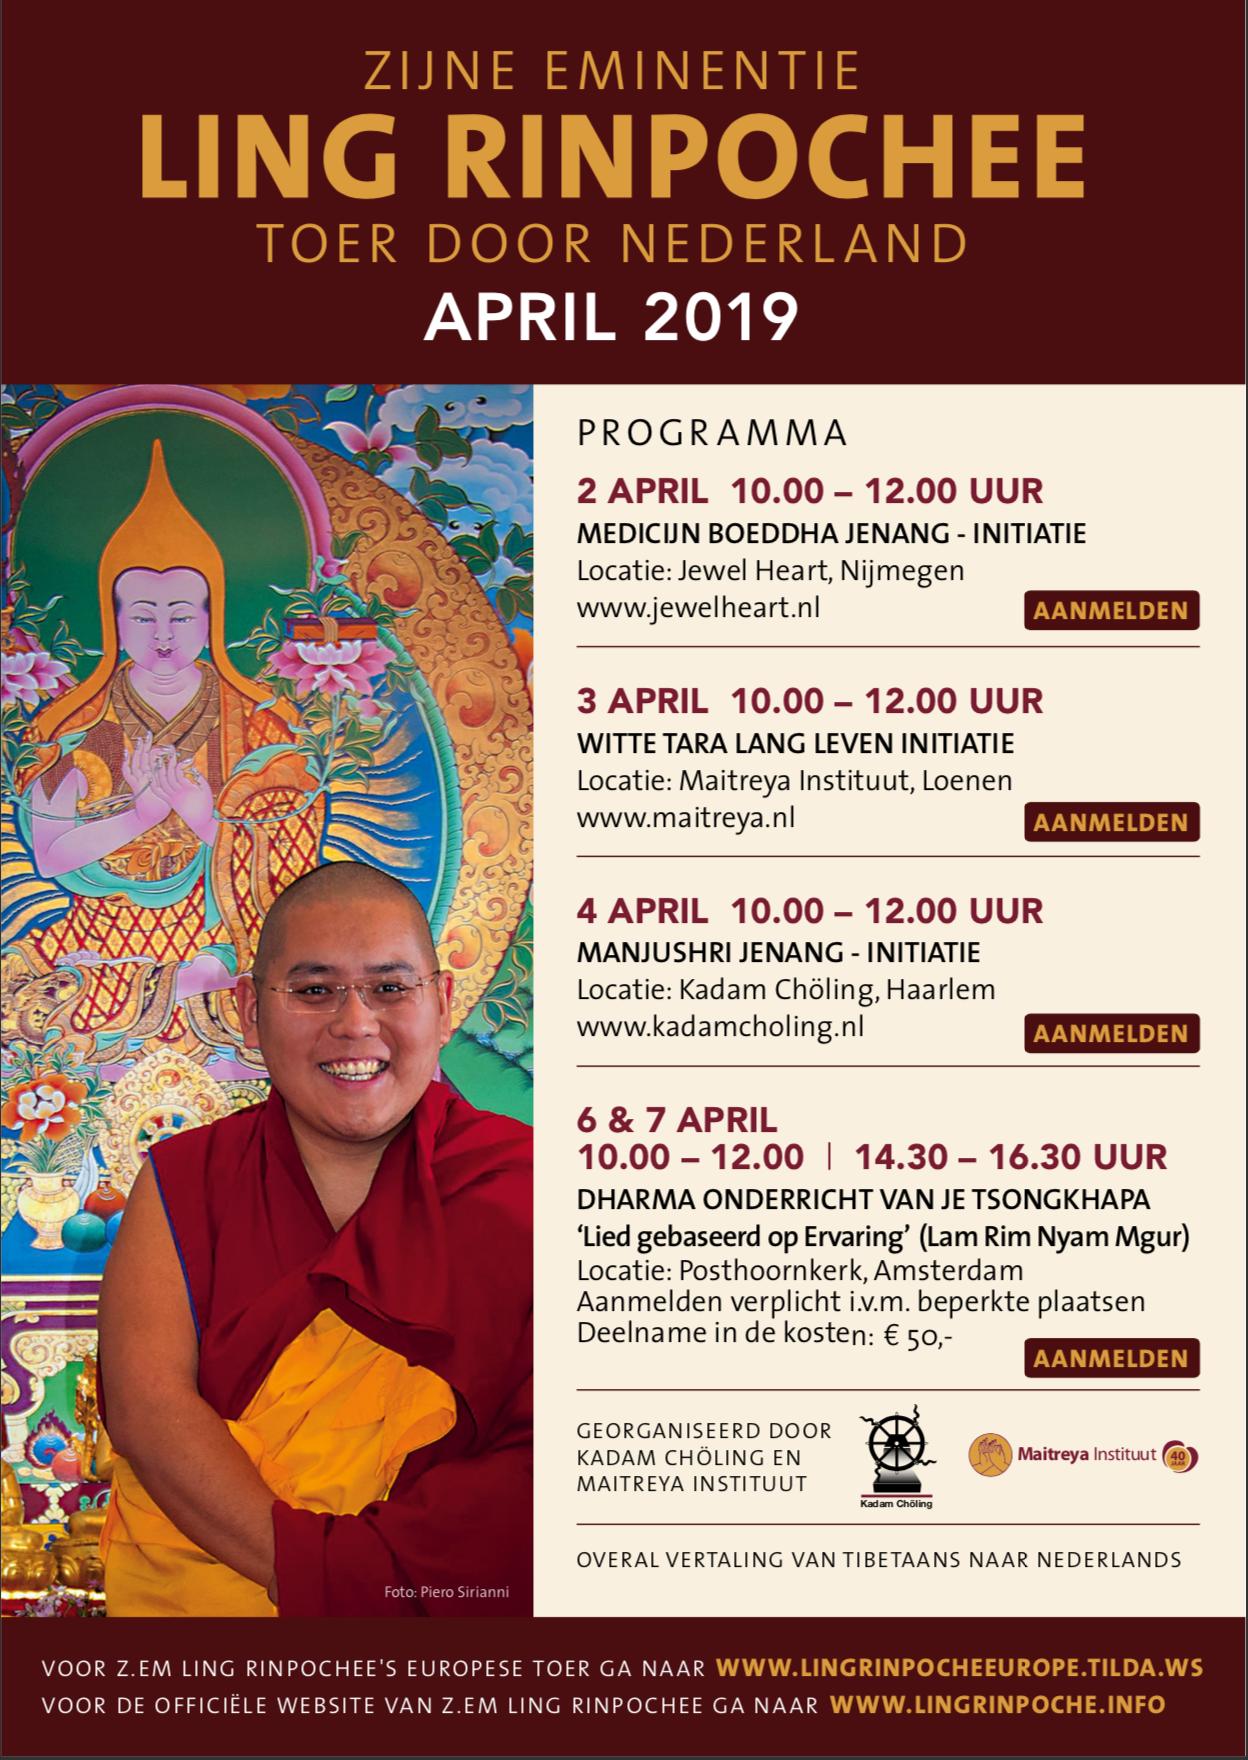 Affiche Programma Z.E. Ling Rinpoche in Nederland